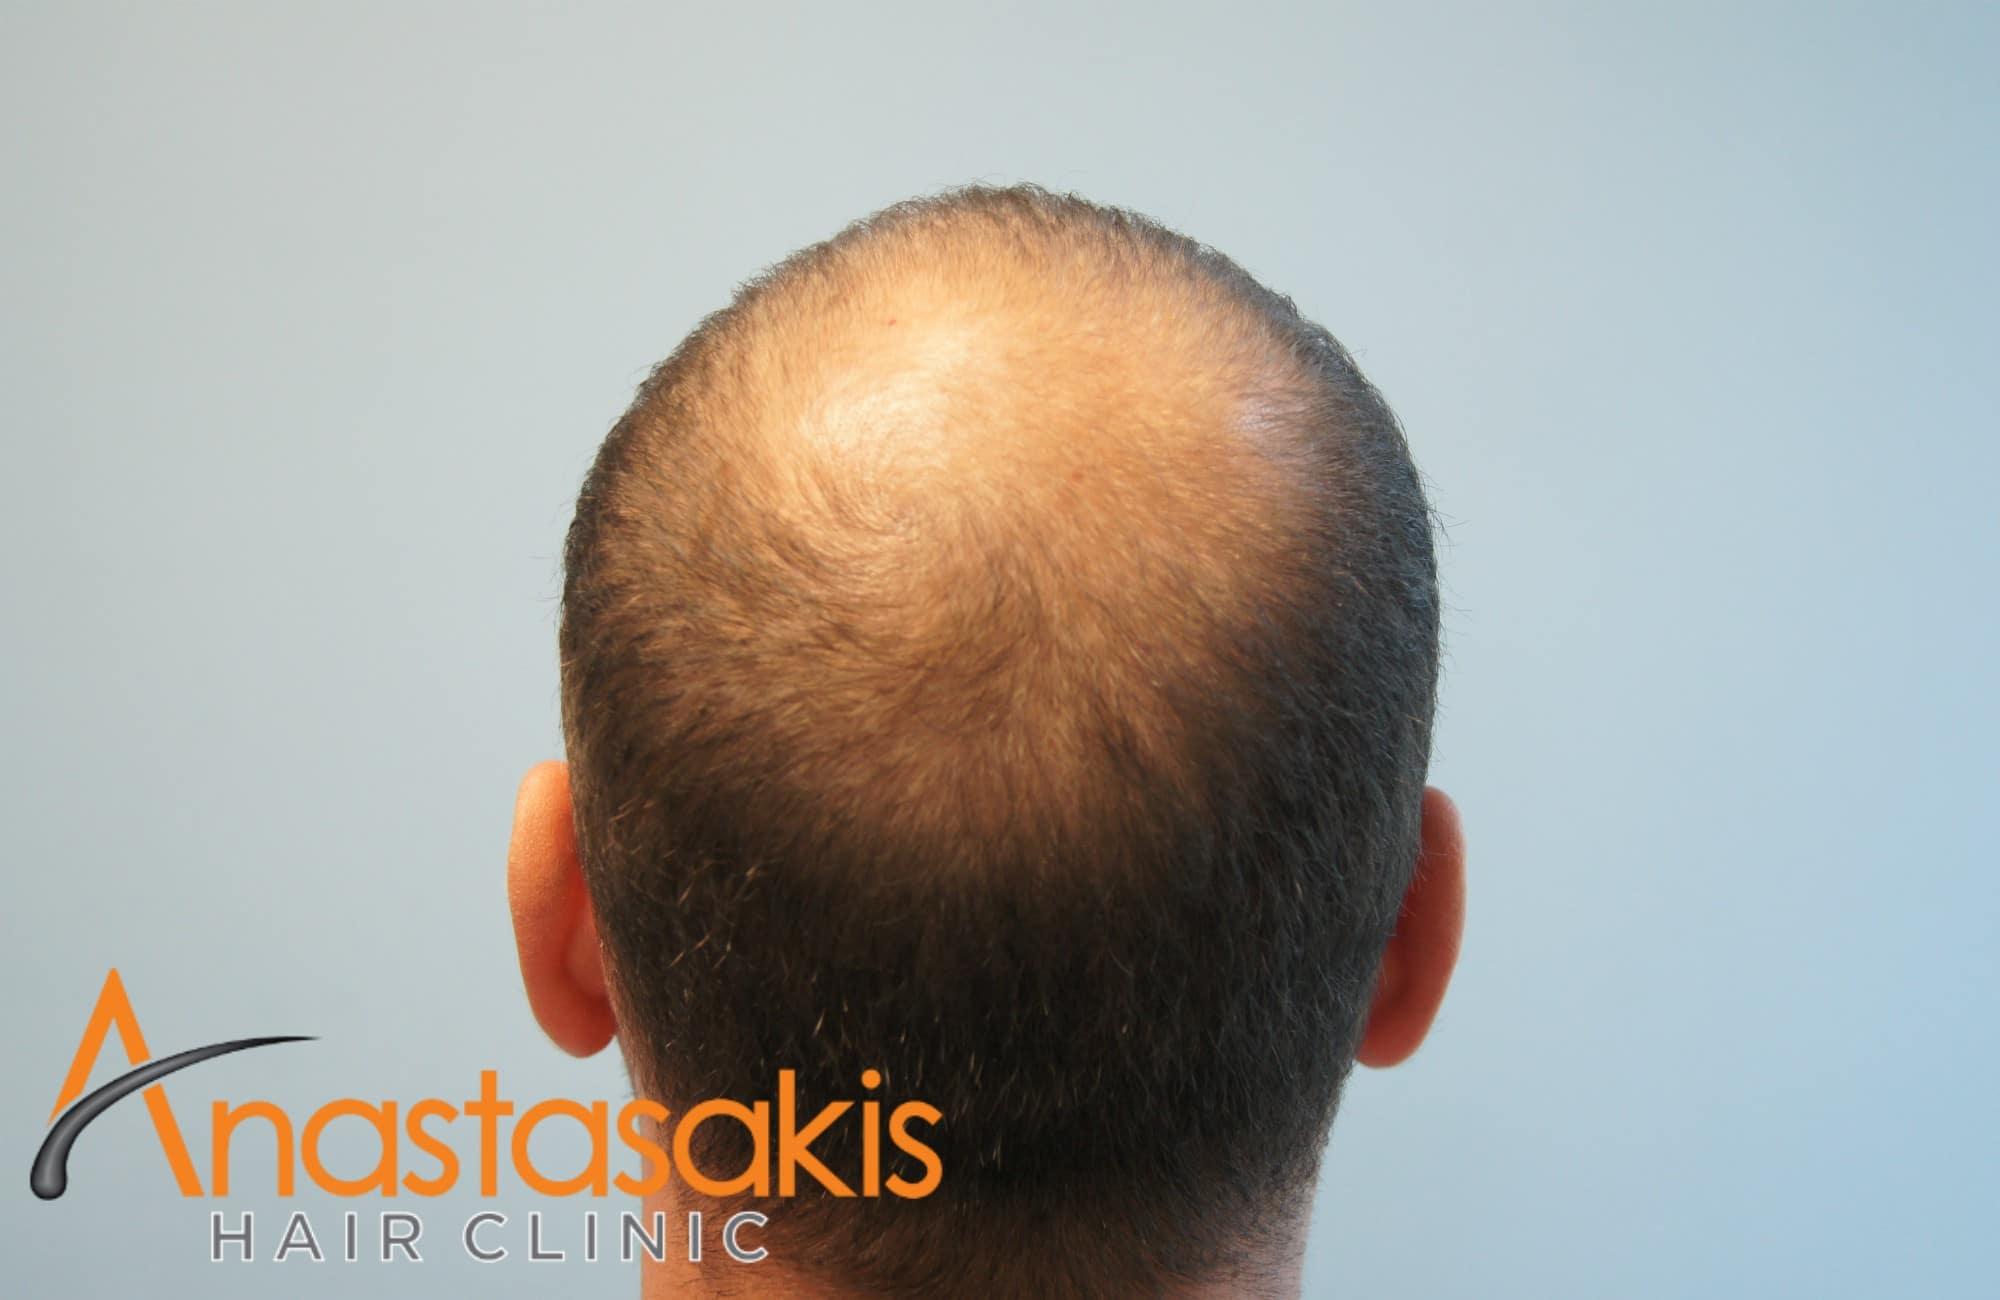 κορυφή ασθενους πριν τη μεταμόσχευσή μαλλιών με 3000 fus